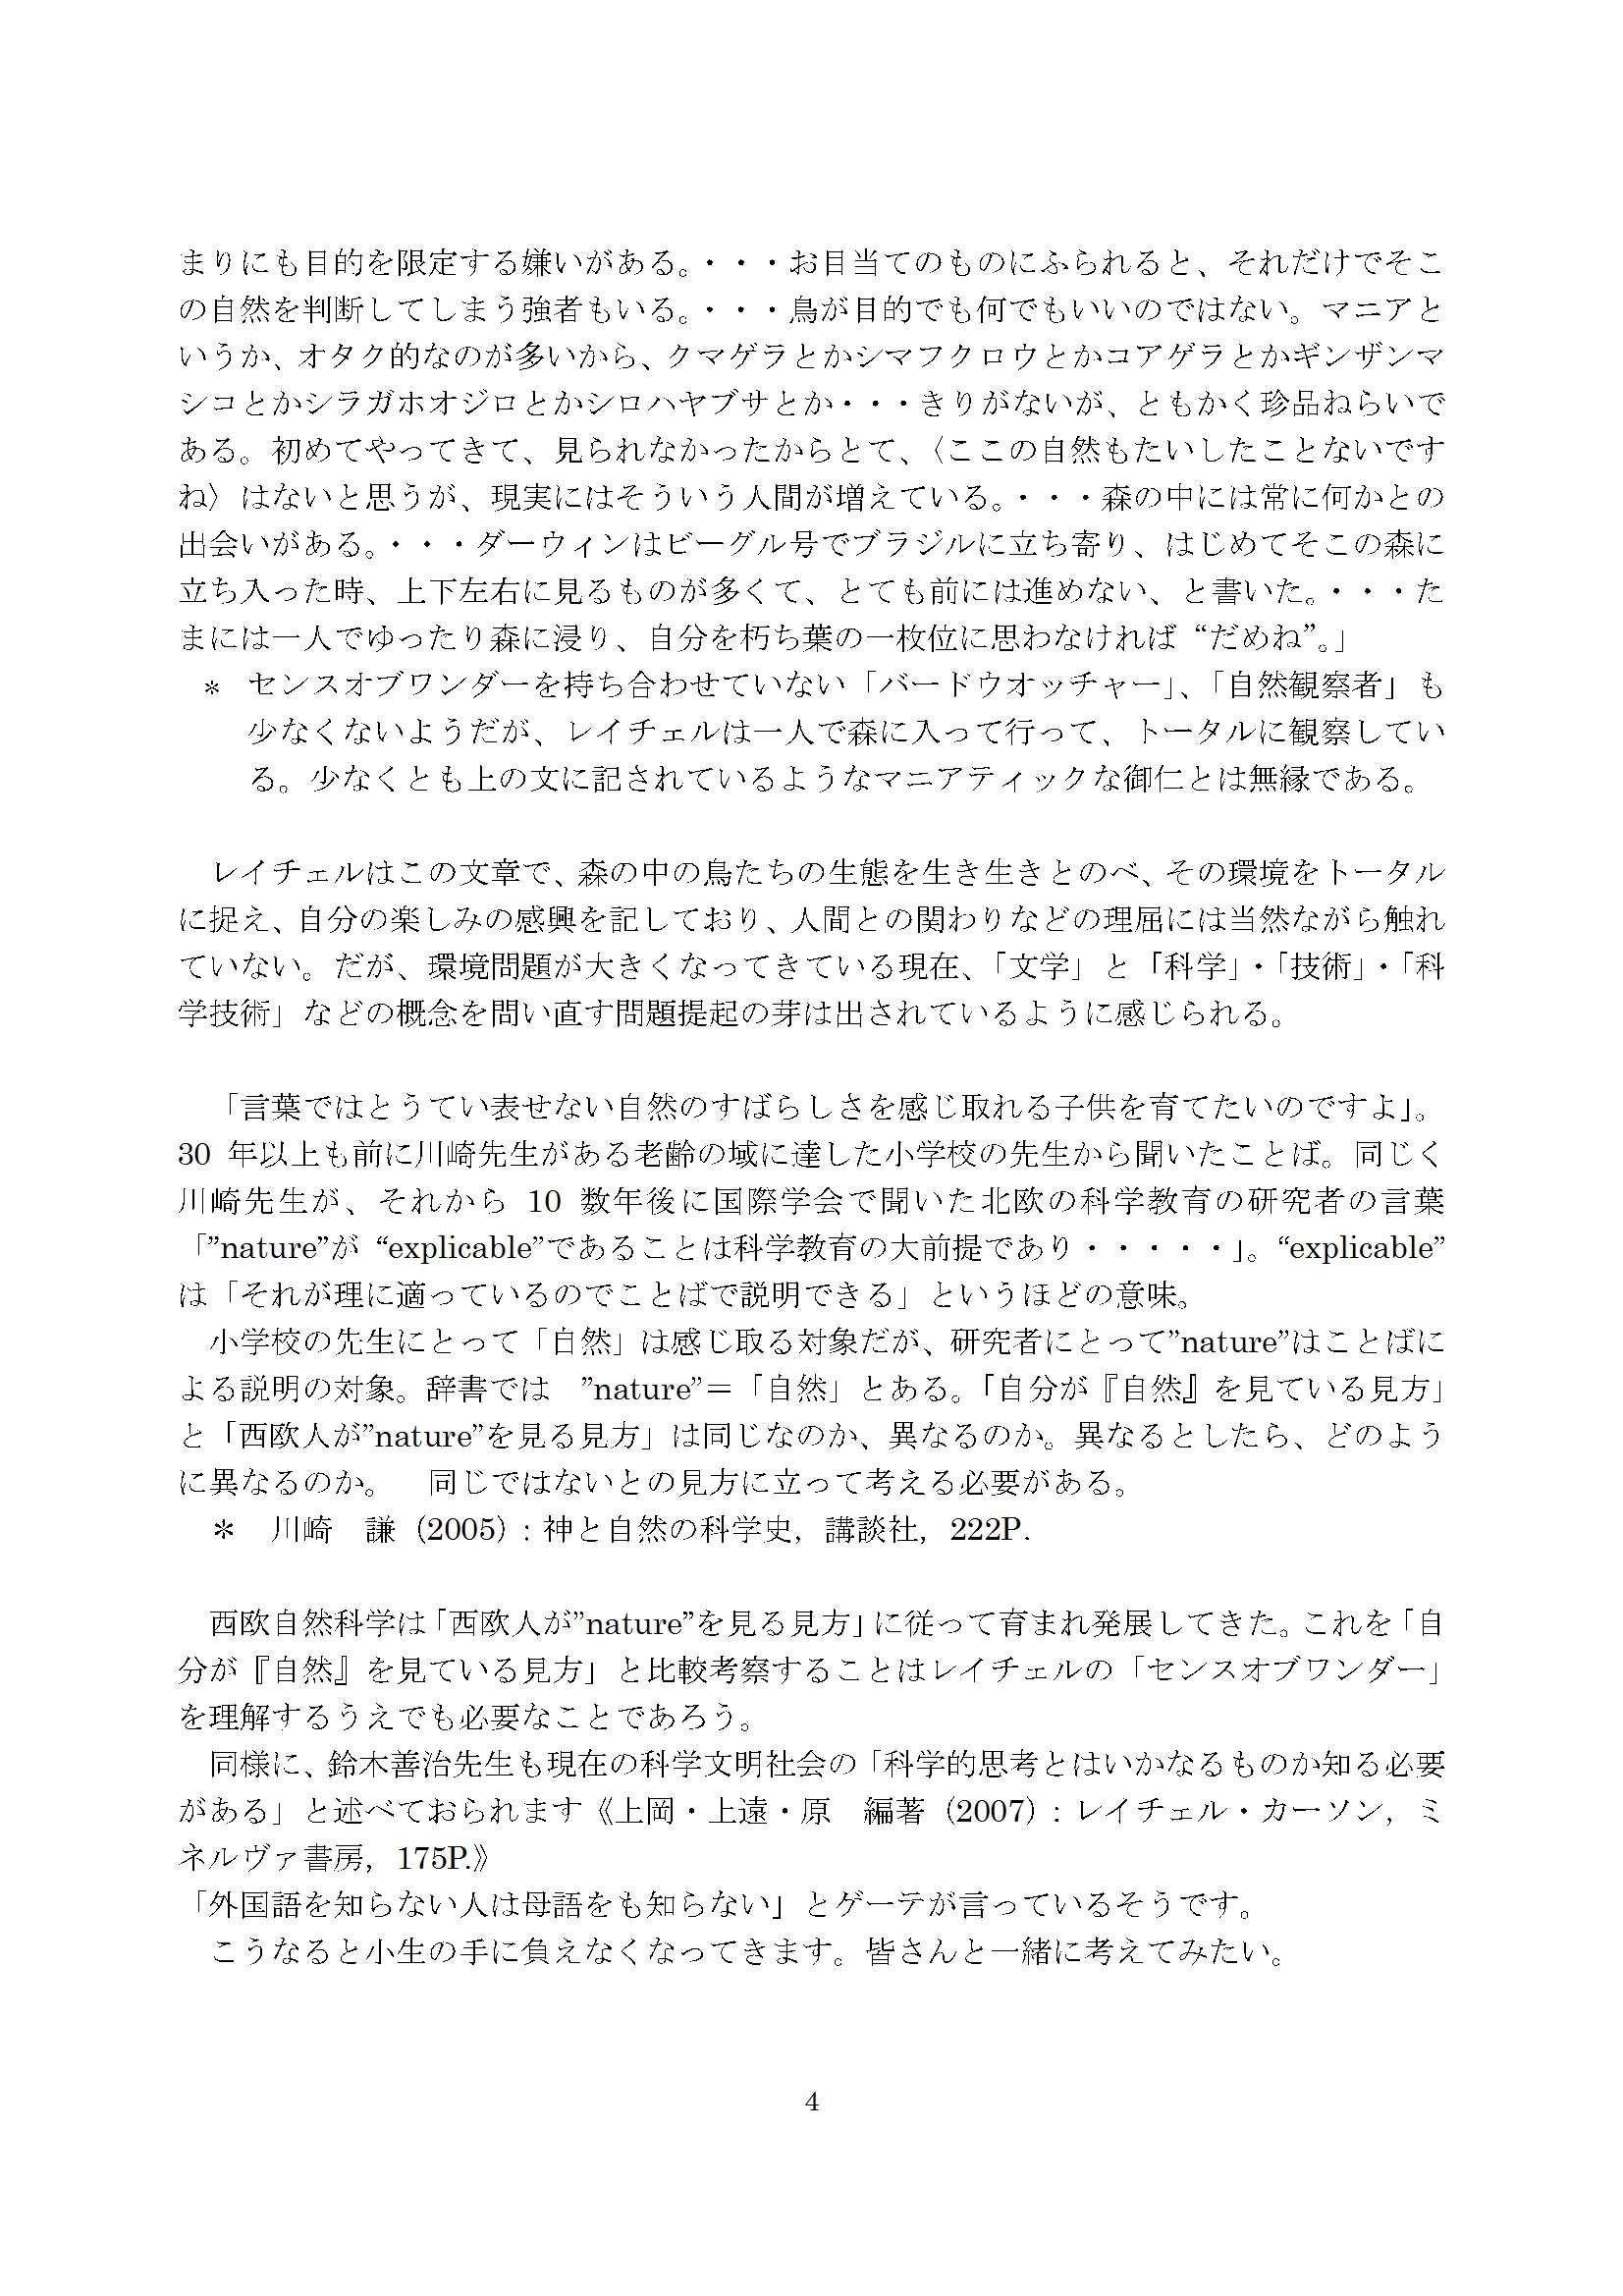 失われた森-1-2-私の好きな楽しみ(解説文 岡部賢二氏)a-4